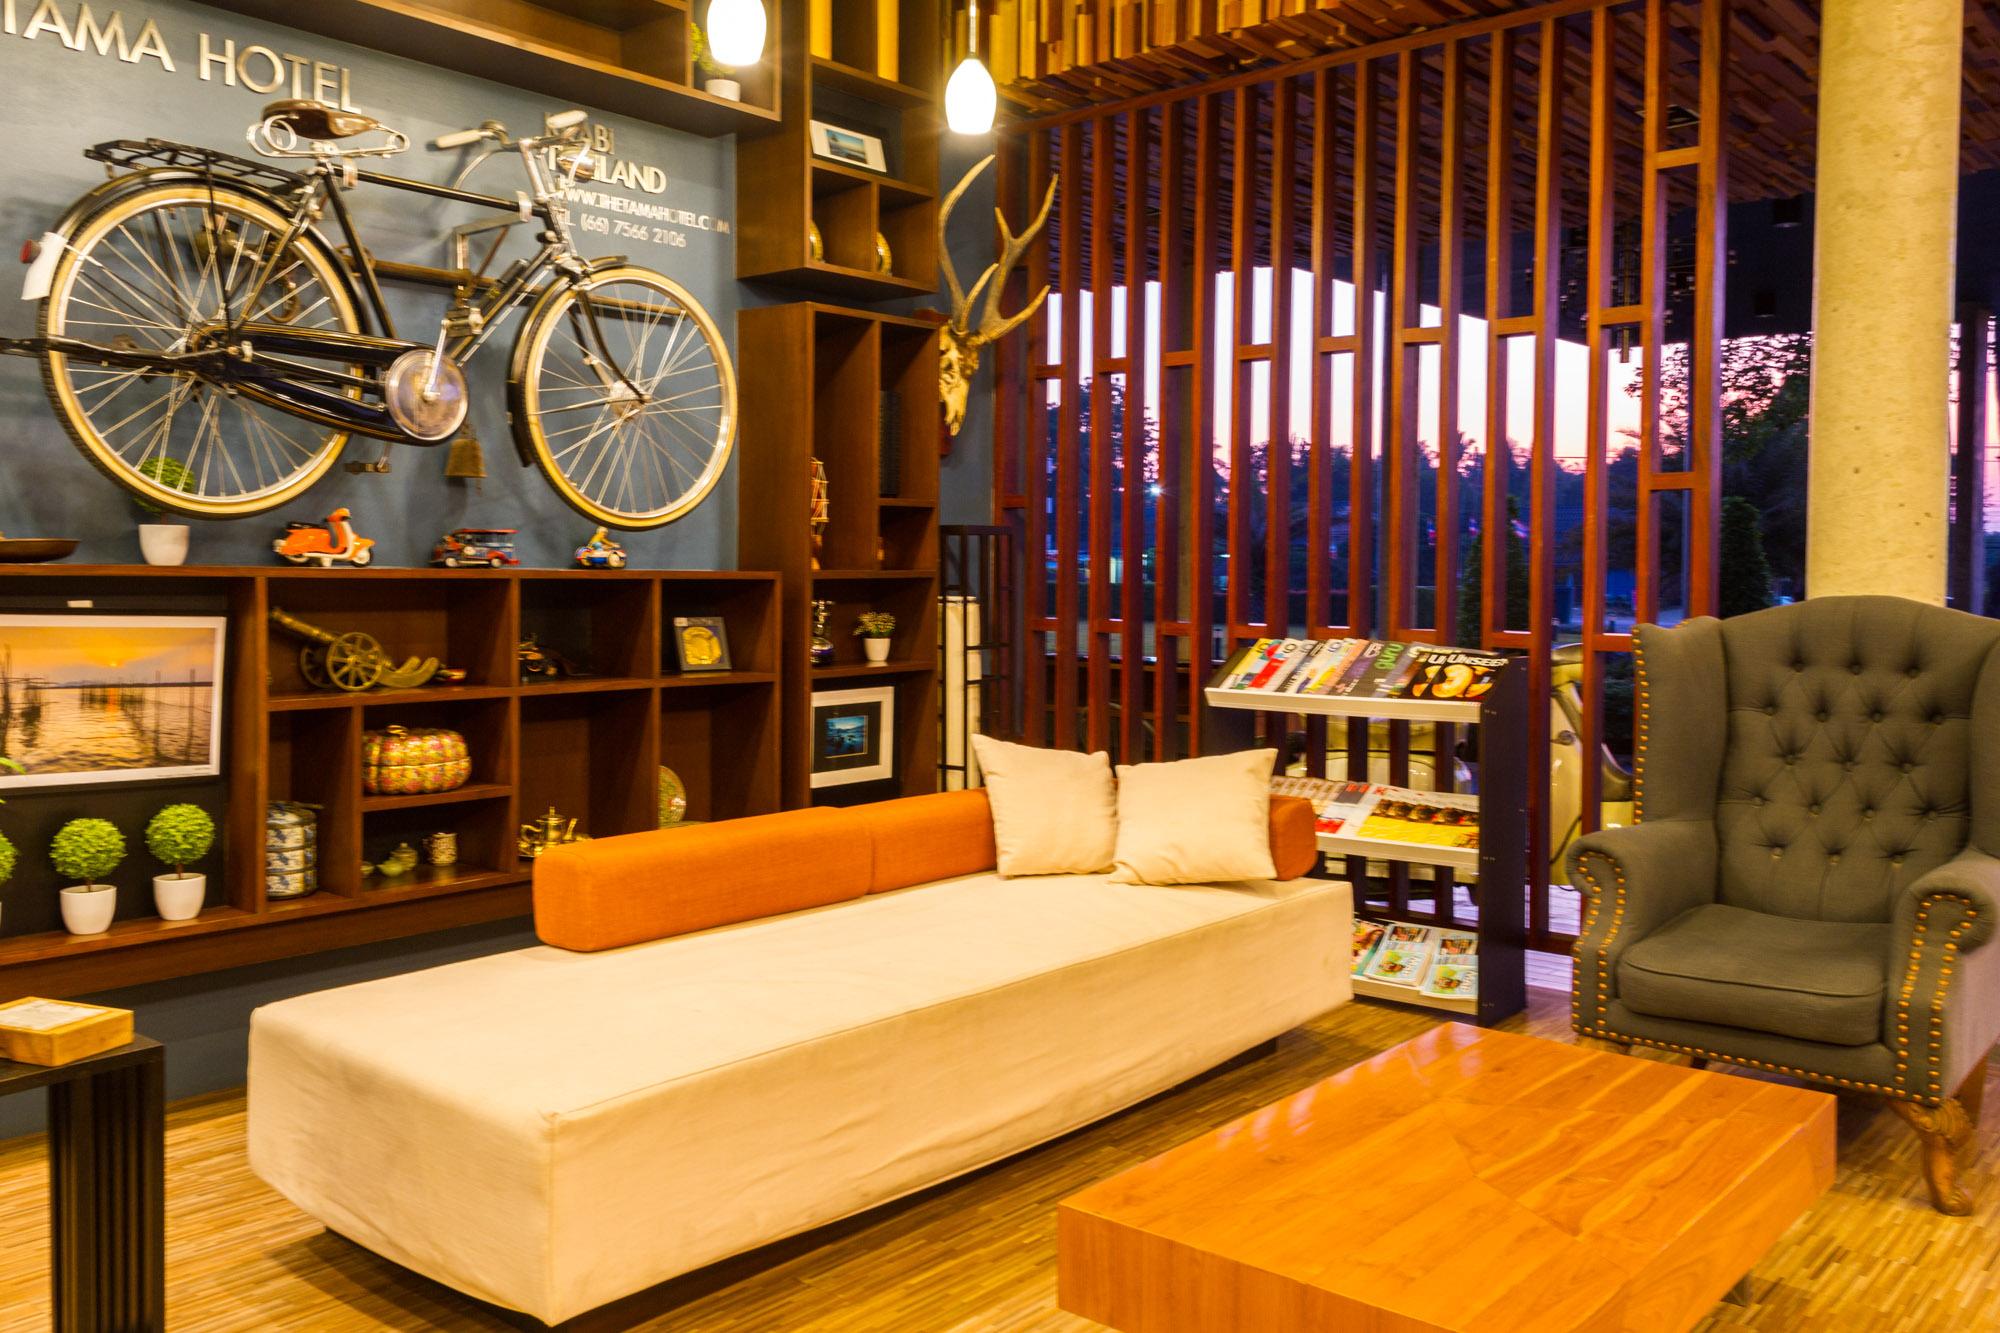 The Tama Hotel Krabi เดอะ ตะมะ โฮเทล  Tama Hotel Krabi เดอะ ตะมะ โฮเทล อ่าวน้ำเมา กระบี่ IMG 0022 1